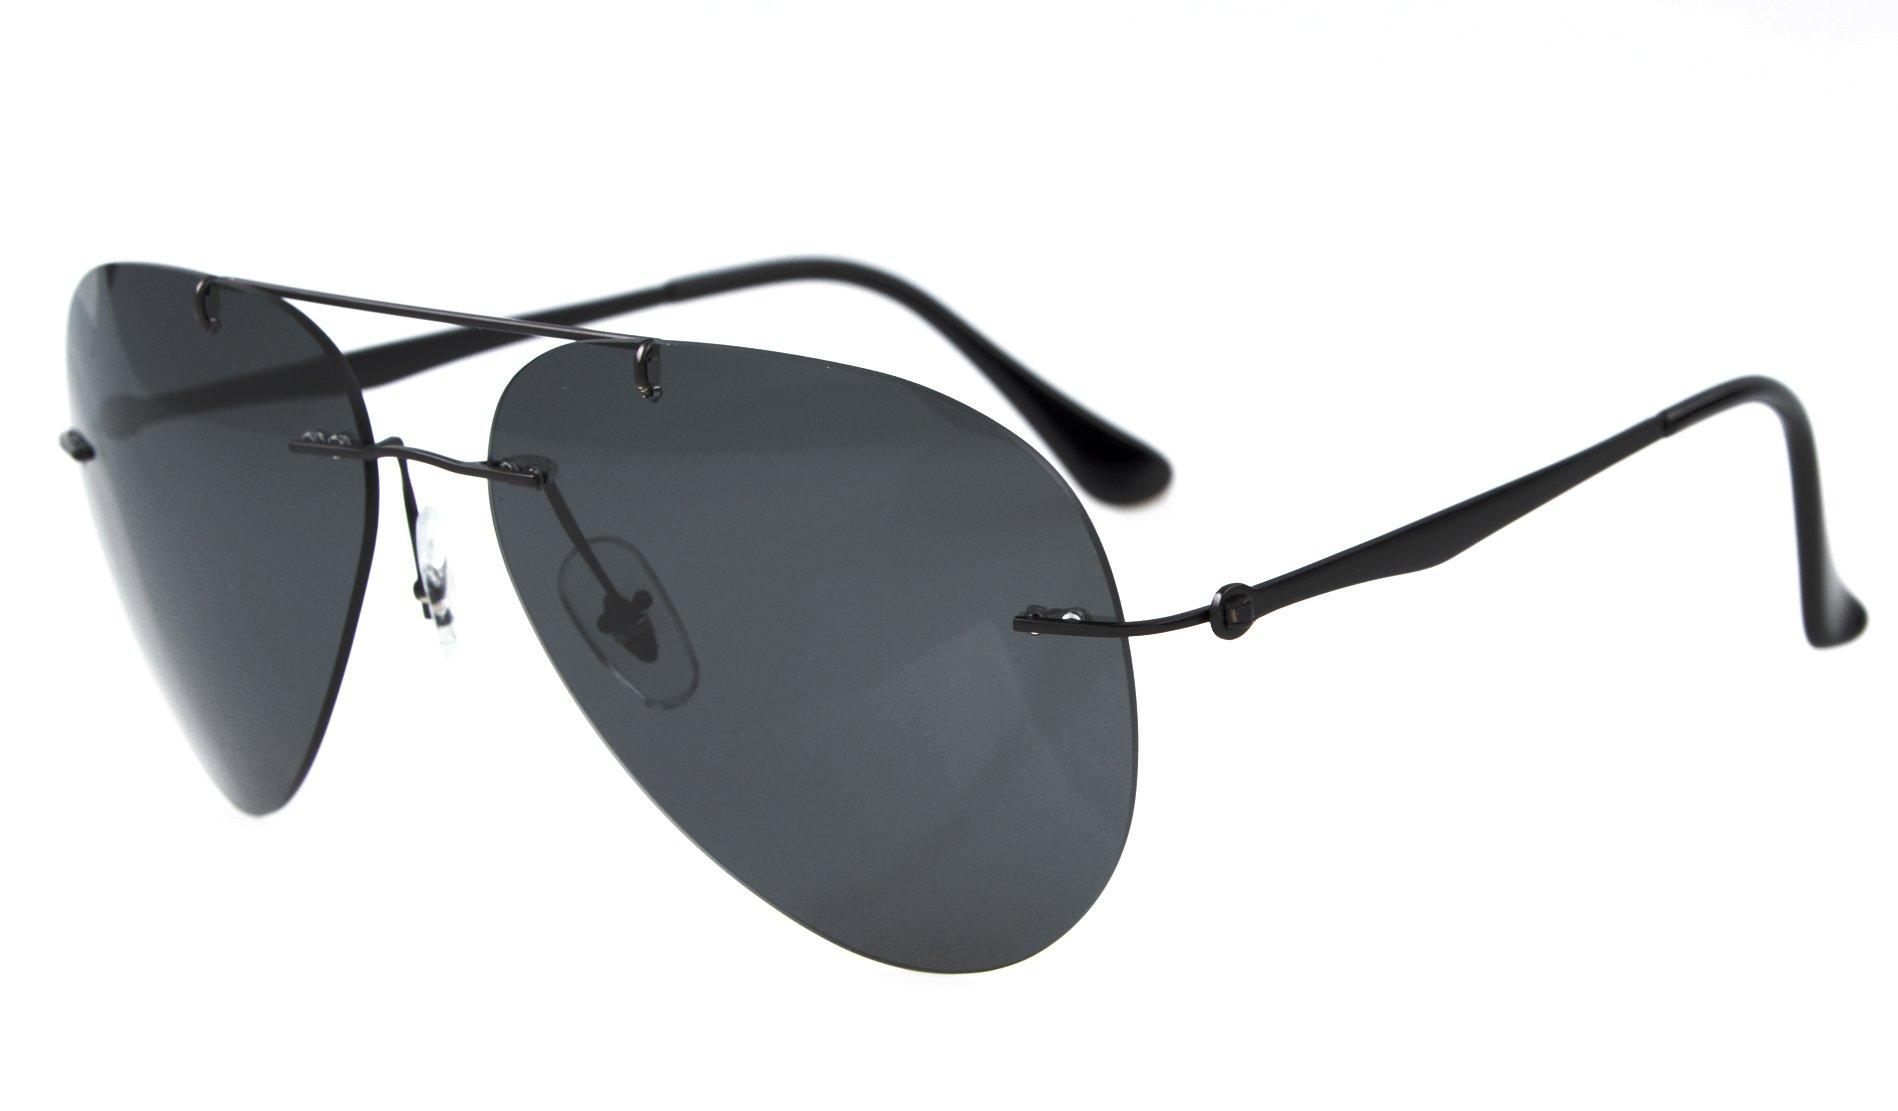 Eyekepper Titanium Style Rimless Polarized Sunglasses Grey Lens